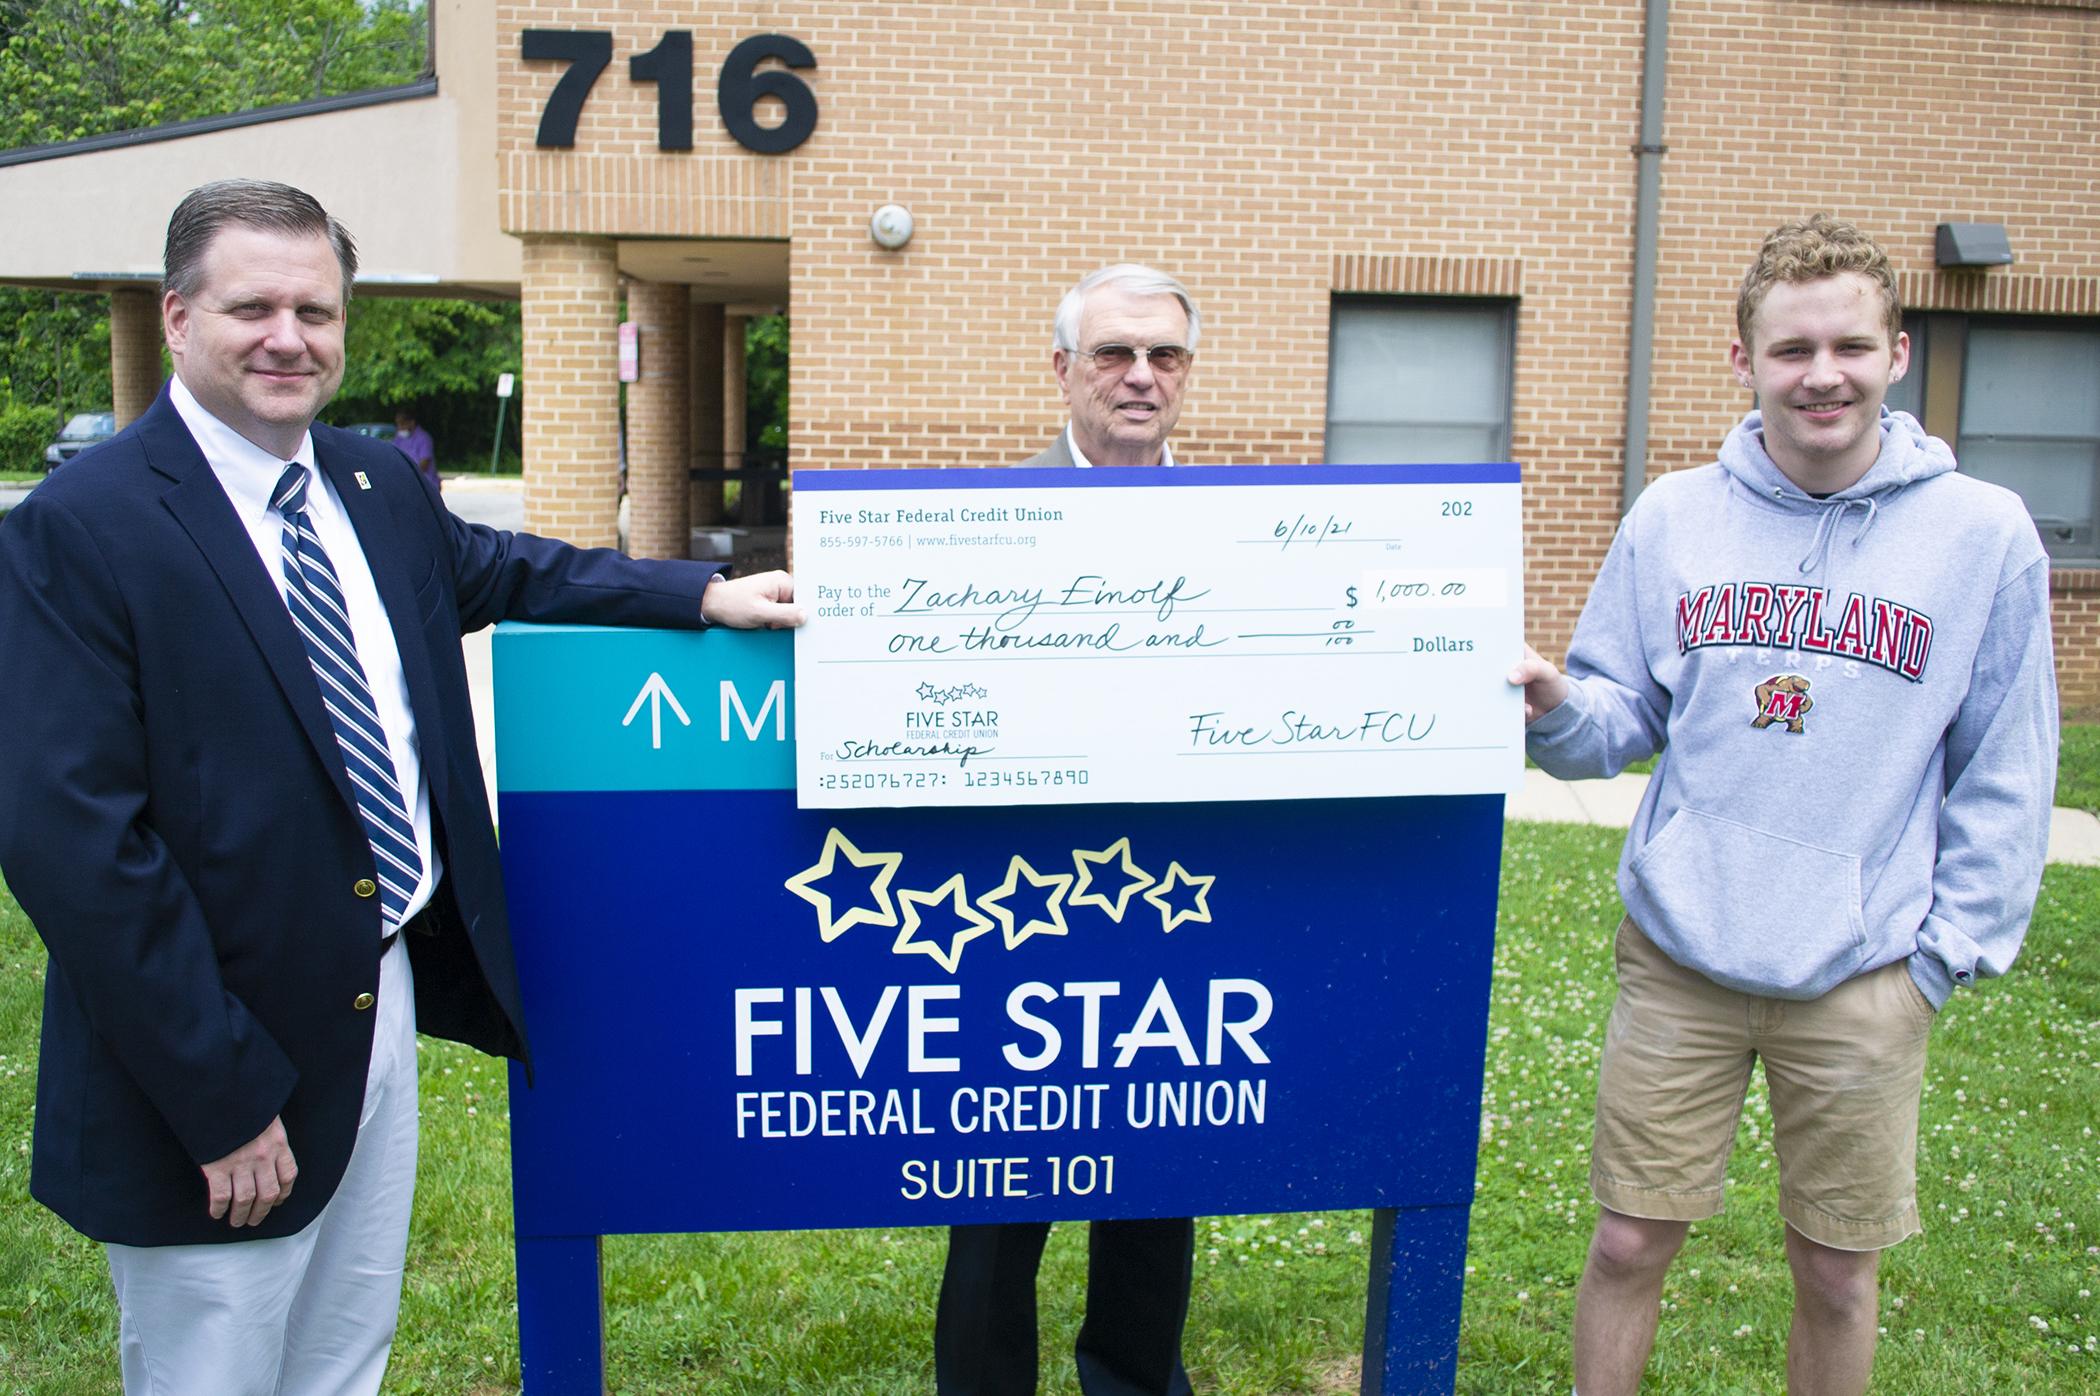 Jim Whipp and Paul Coakley present scholarship check to Zachary Einolf.